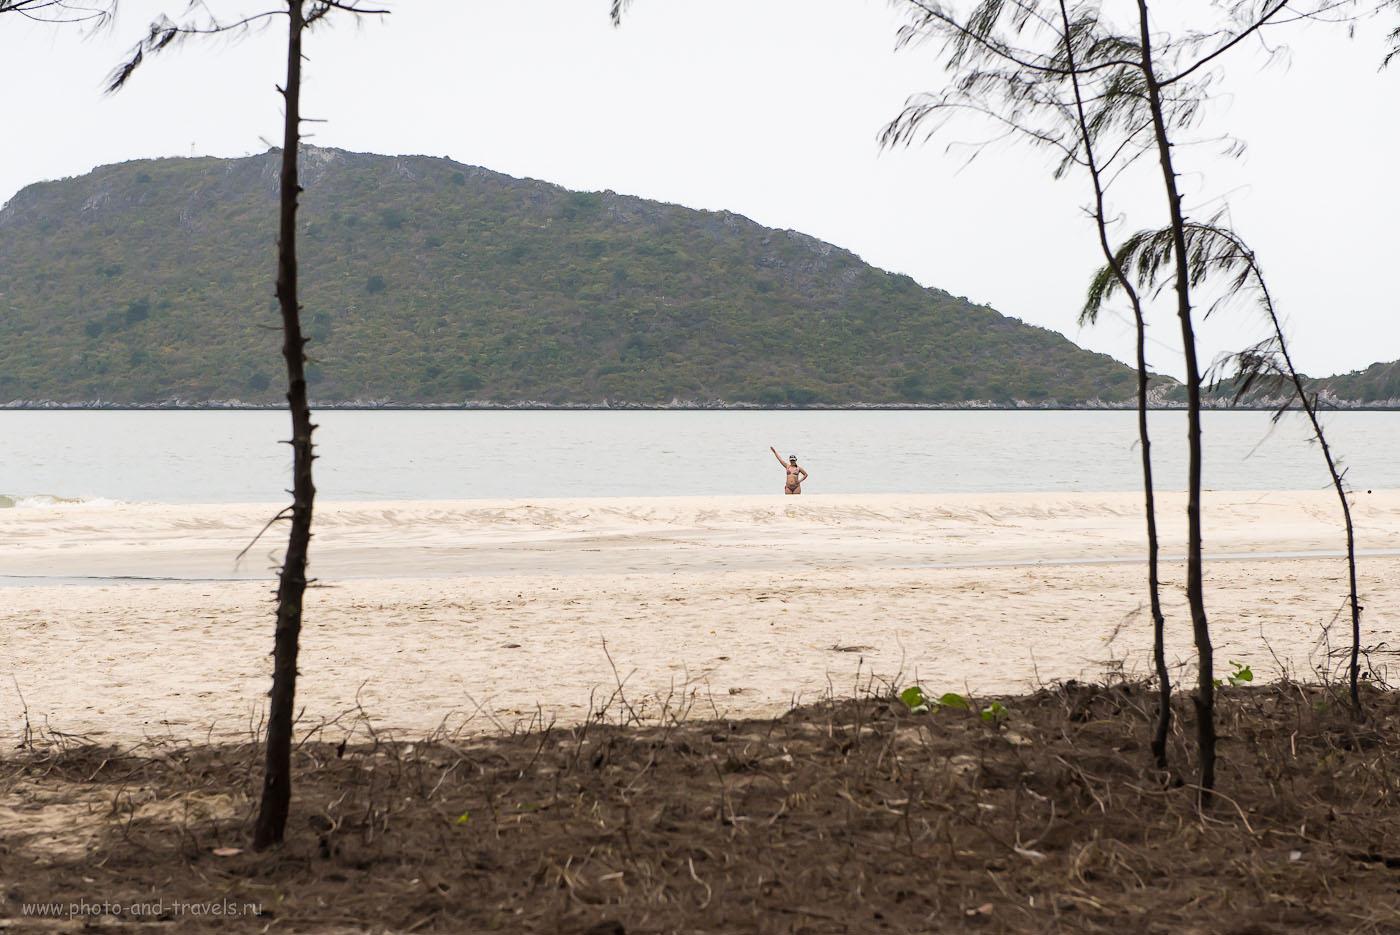 Фото 1. На пляже Laem Sala Beach в национальном парке  Кхао Сам Рой Йот. Экскурсии в окрестностях Хуахина в Таиланде (ИСО 1250, ФР=70, F=7.1, выдержка 1/3200 секунды)